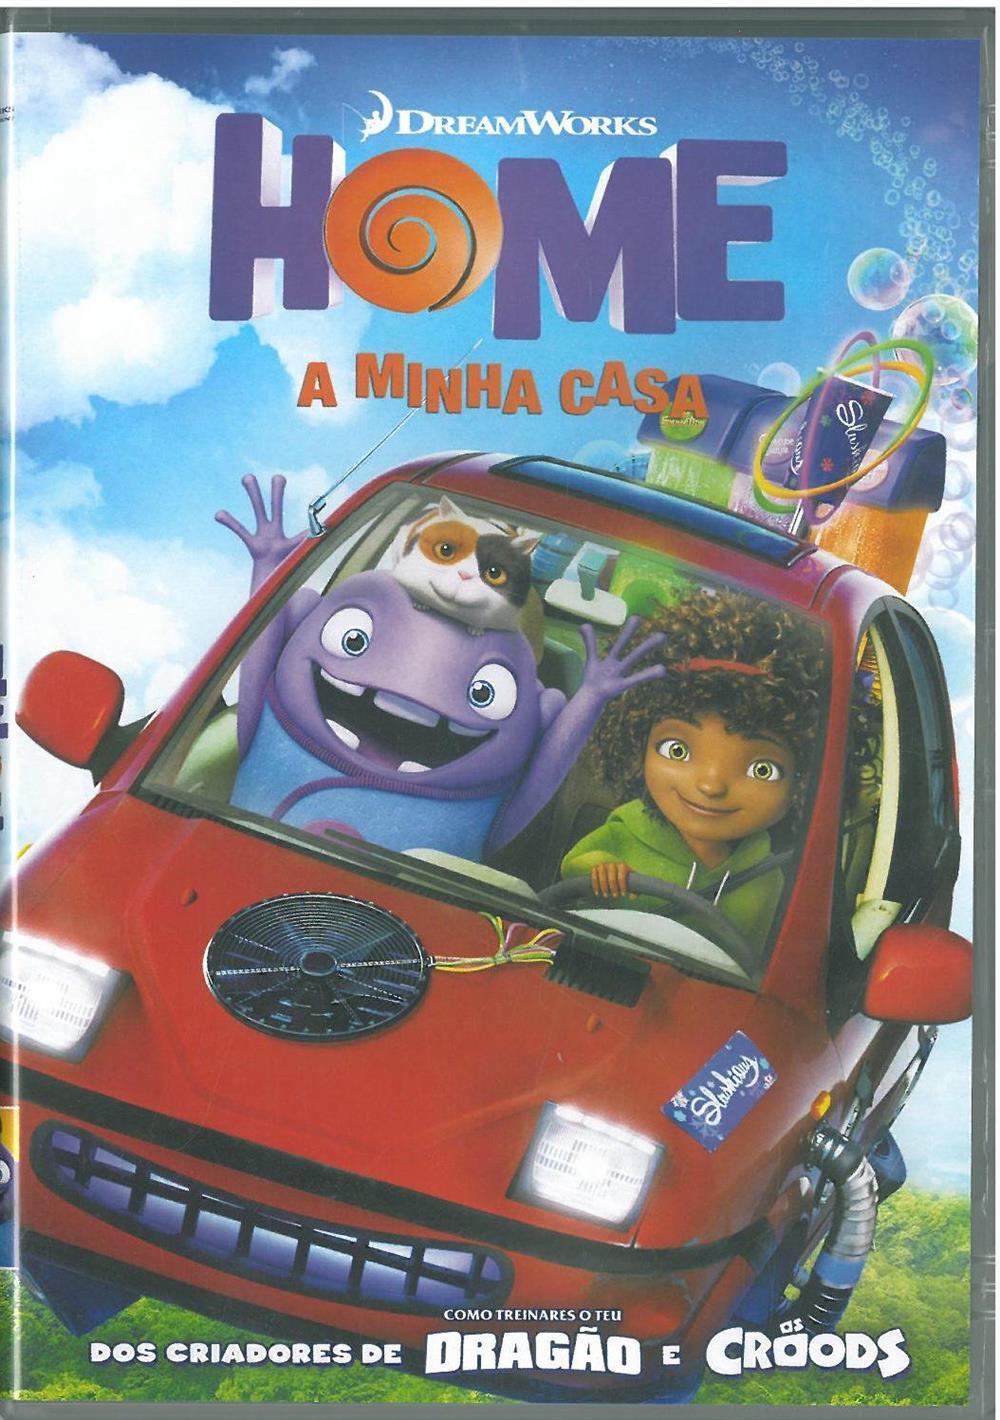 Home_a minha casa_DVD.jpg